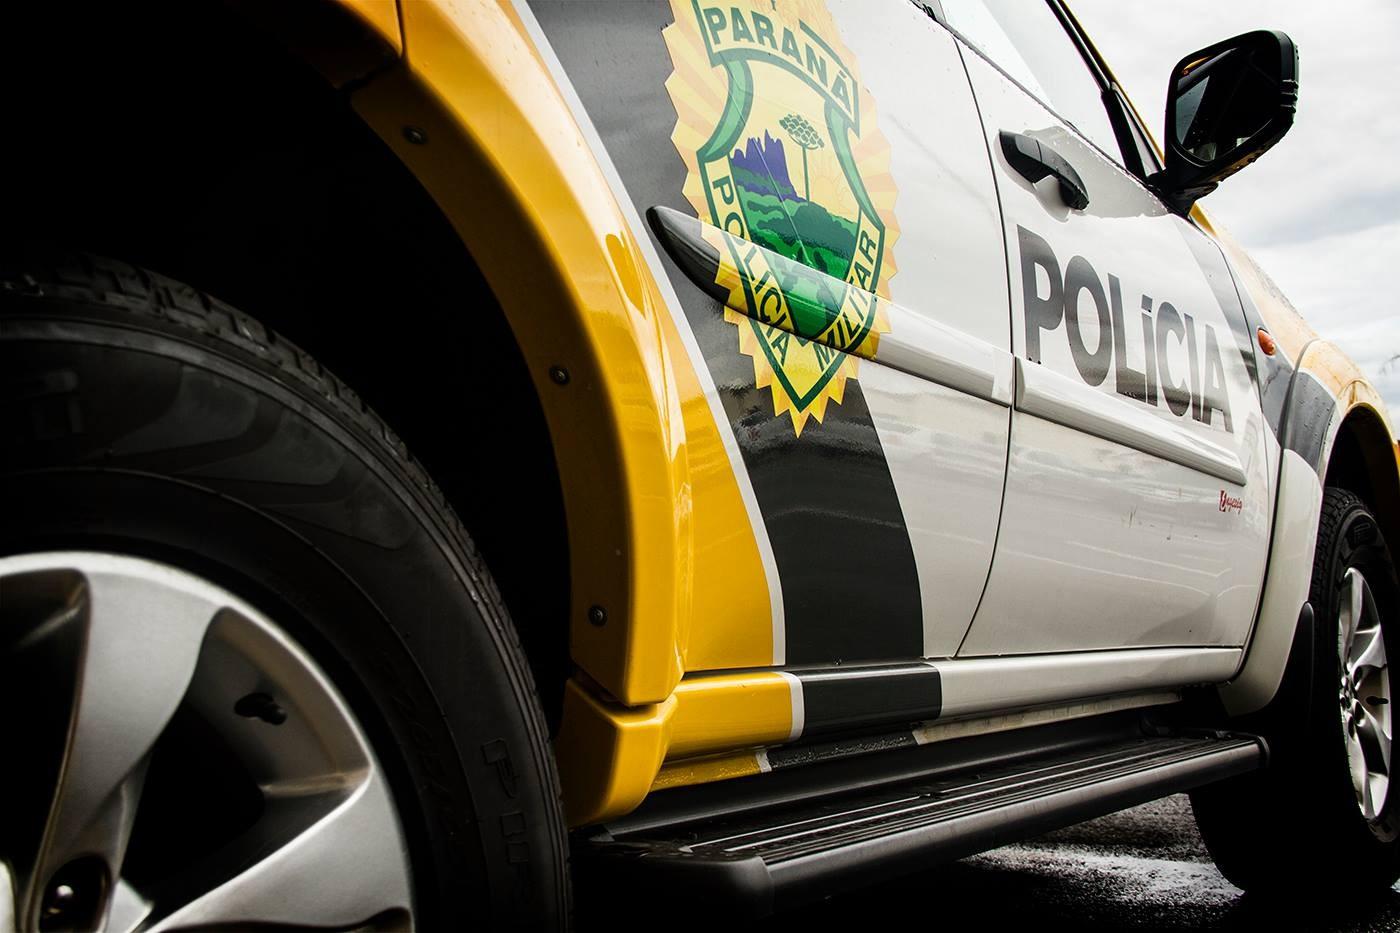 Dupla é detida após arrombar casa e furtar carro do Depen